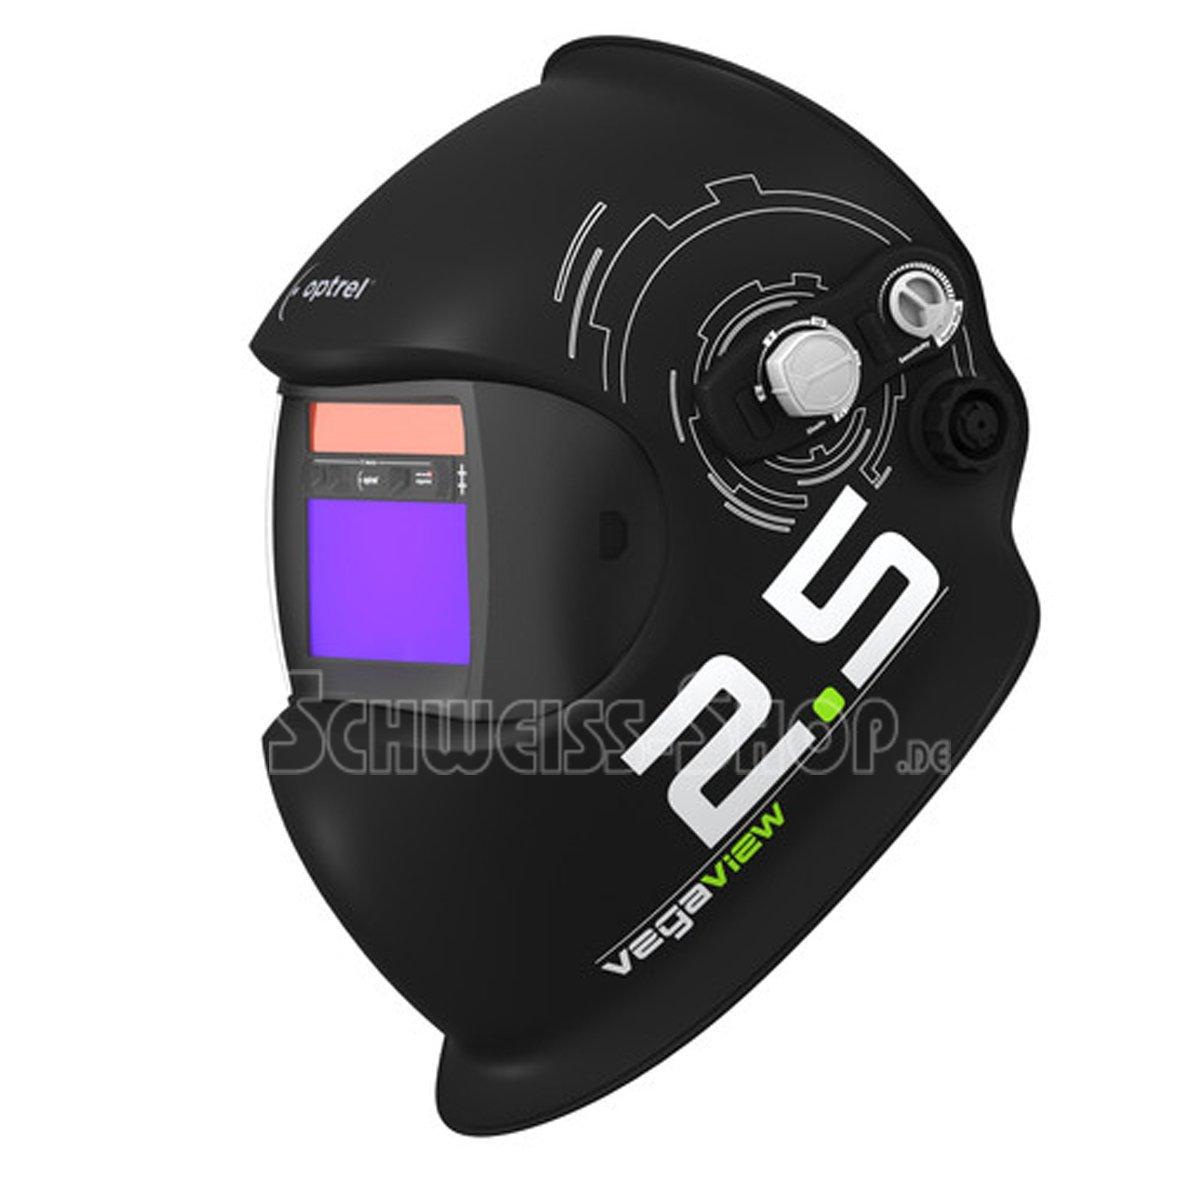 Optrel VegaView 2.5 Auto-Darkening Welding Helmet 1006.600 by Optrel